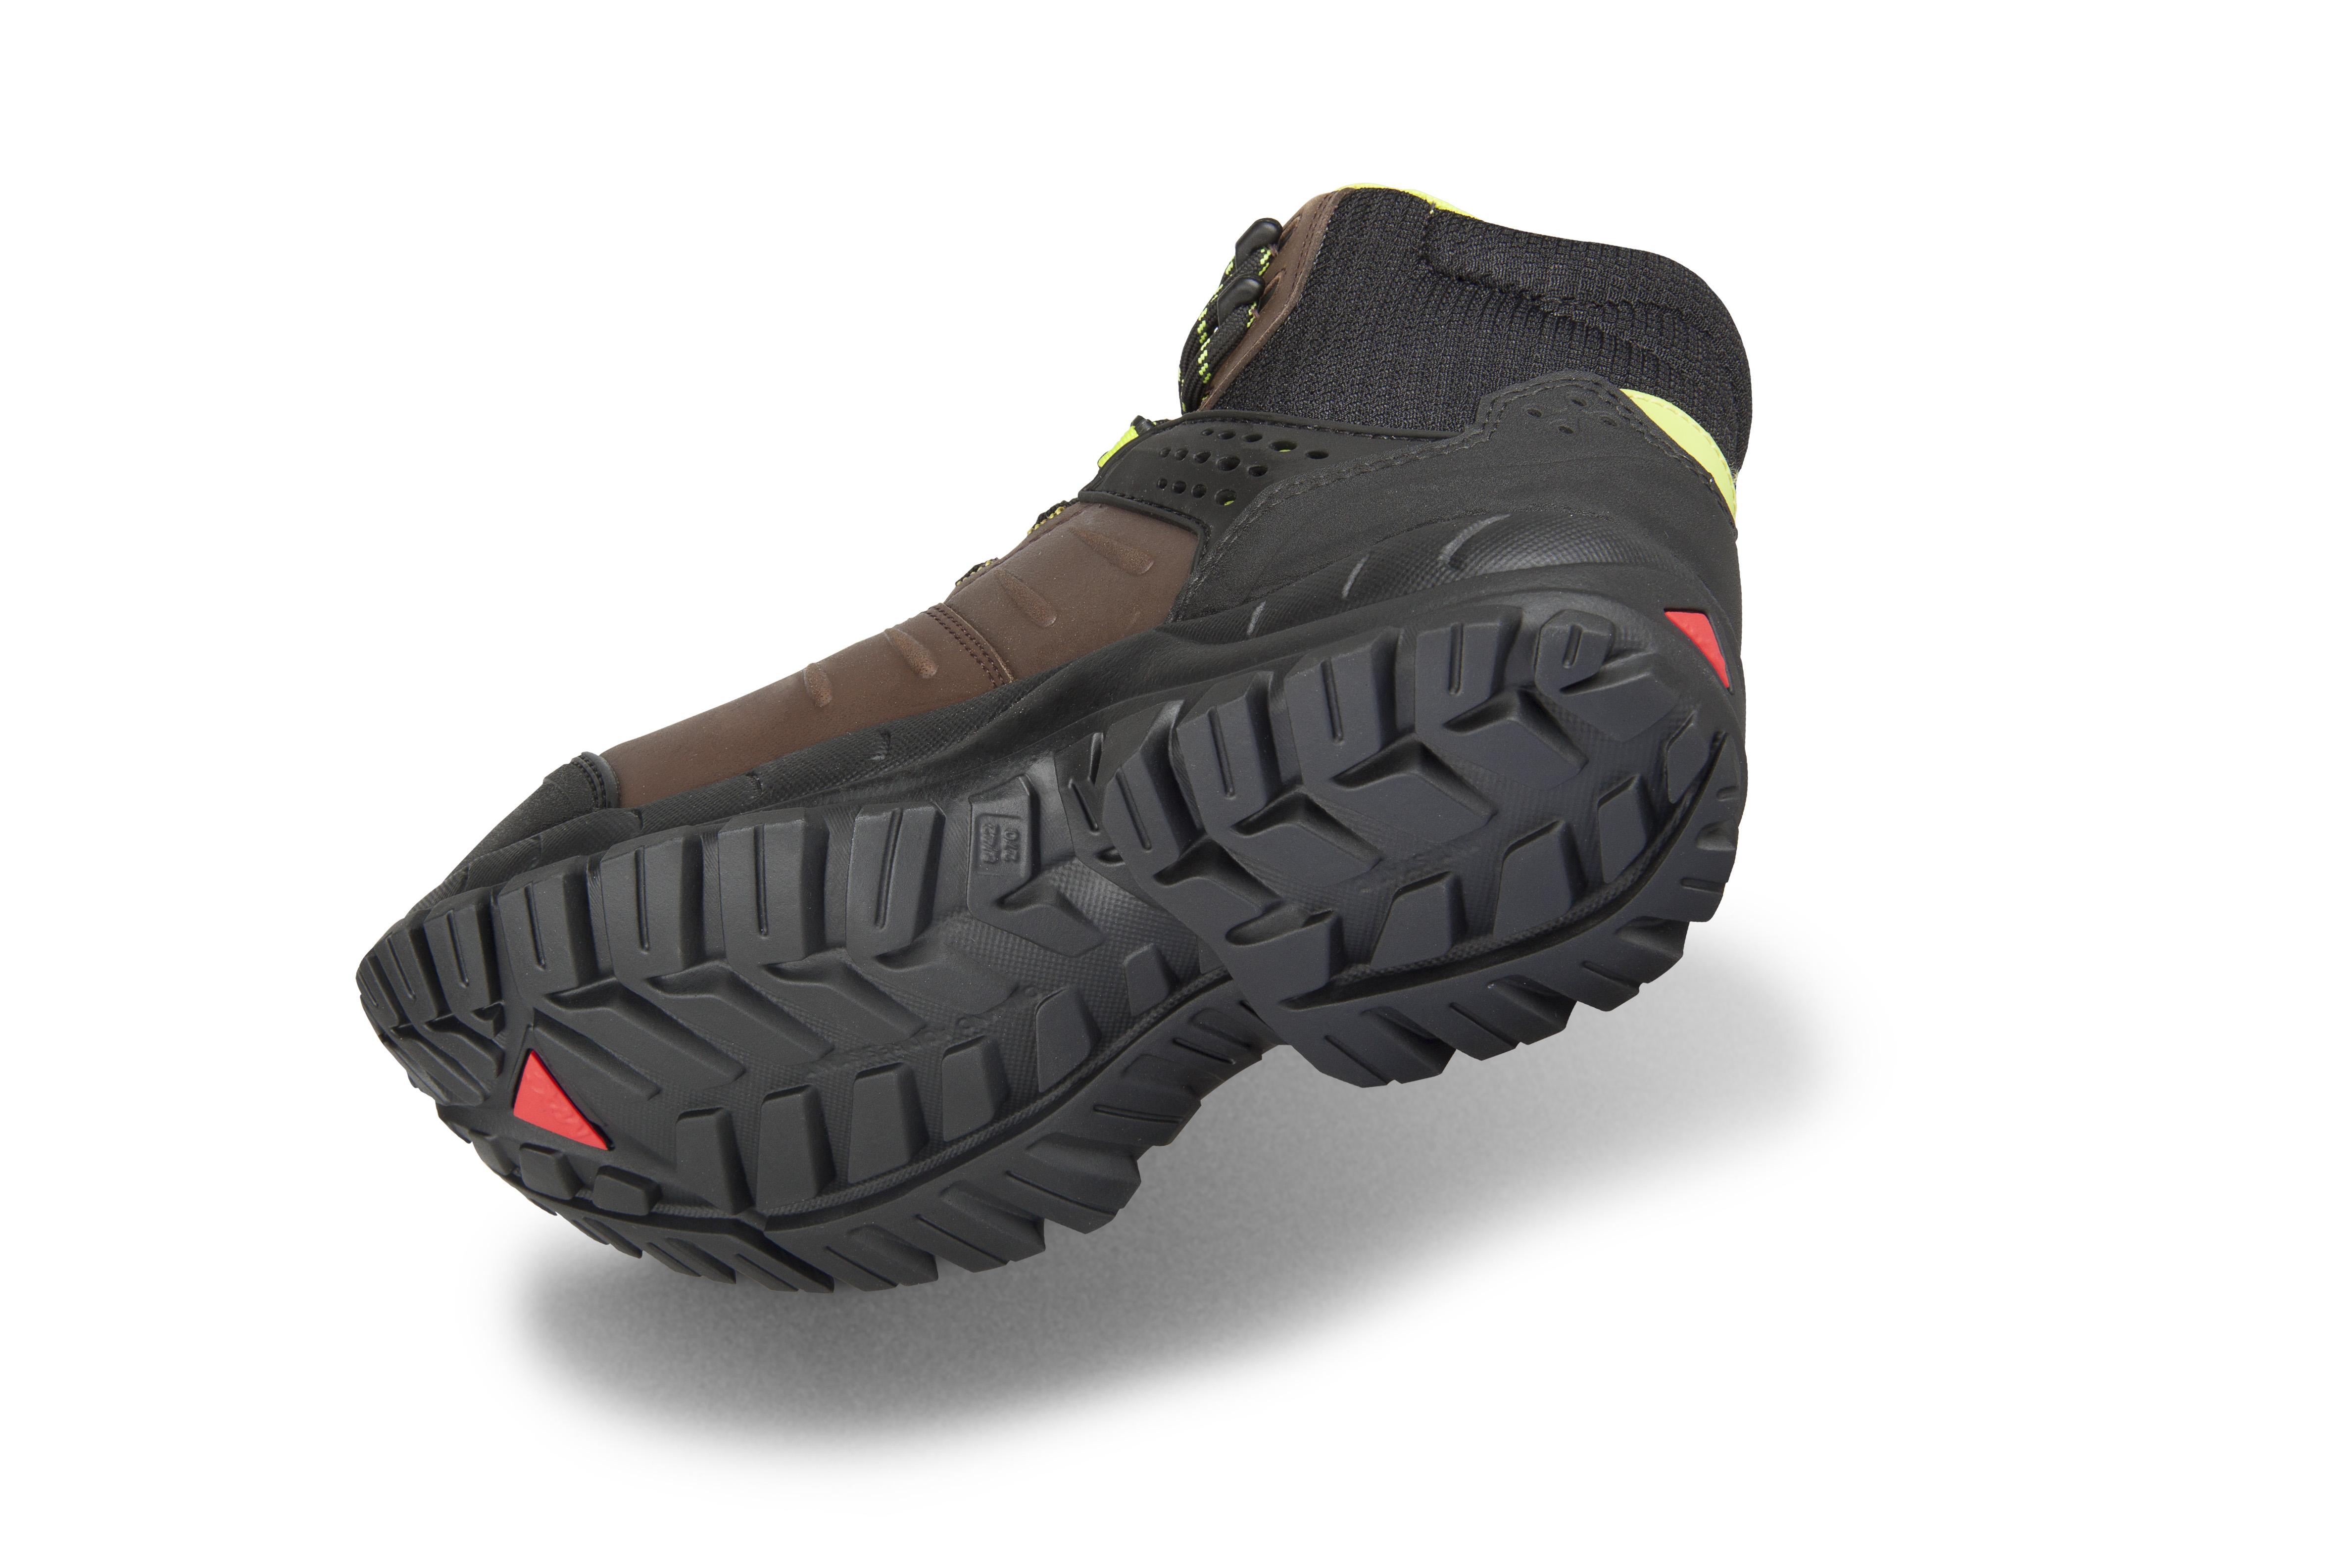 """""""Chaussure de sécurité S3 haute MACCROSSROAD BROWN 2.0 - semelle caoutchouc Macsole"""""""